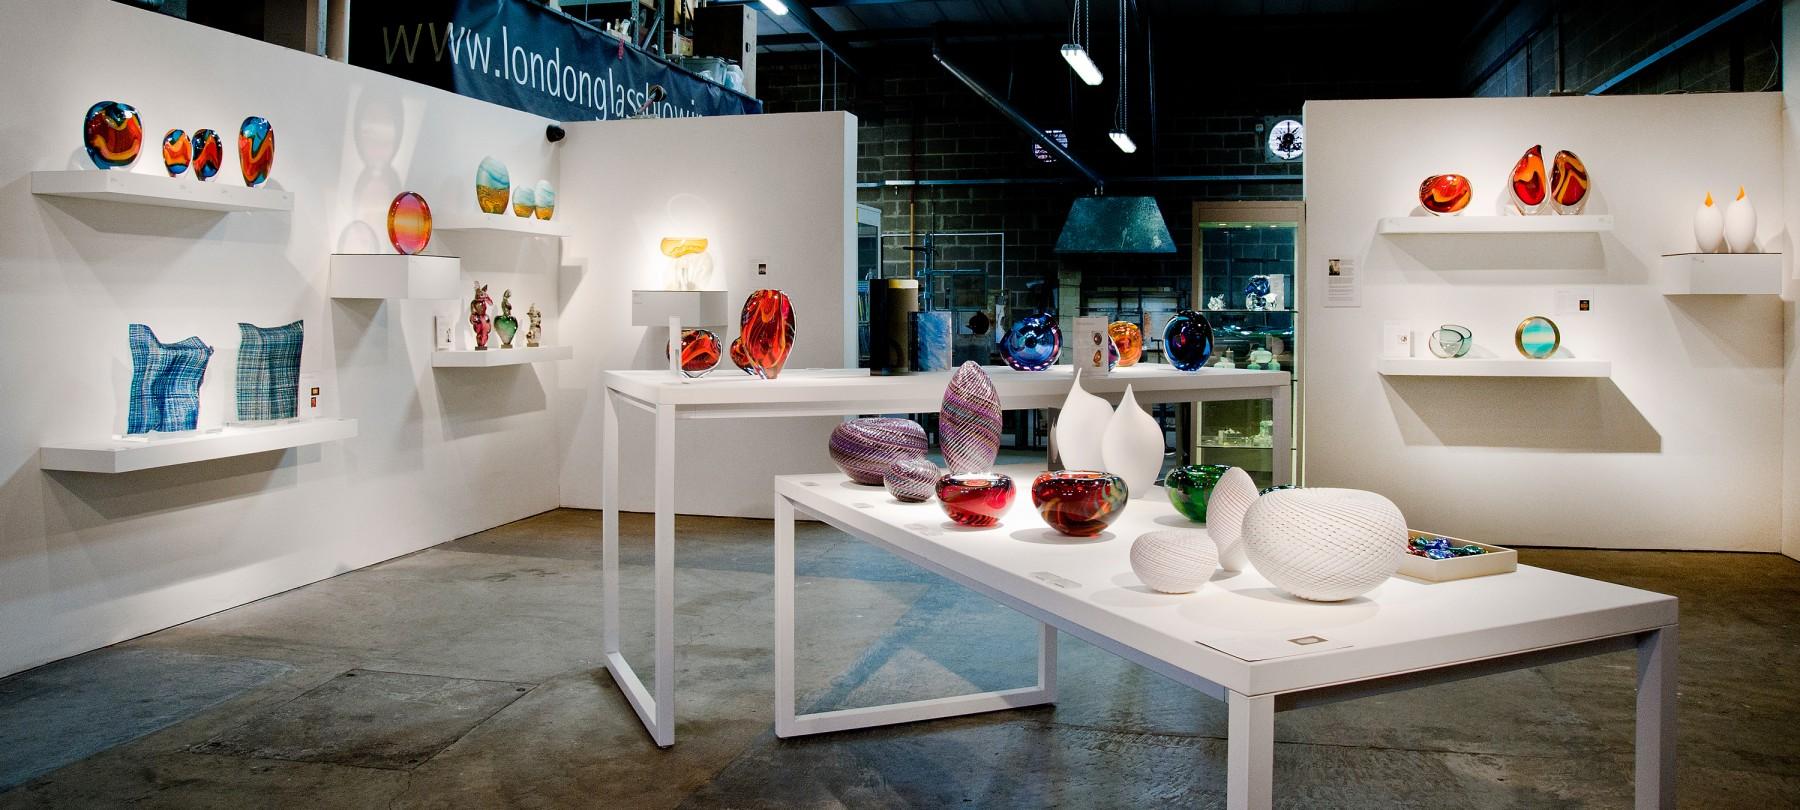 London Glassblowing Gallery_01